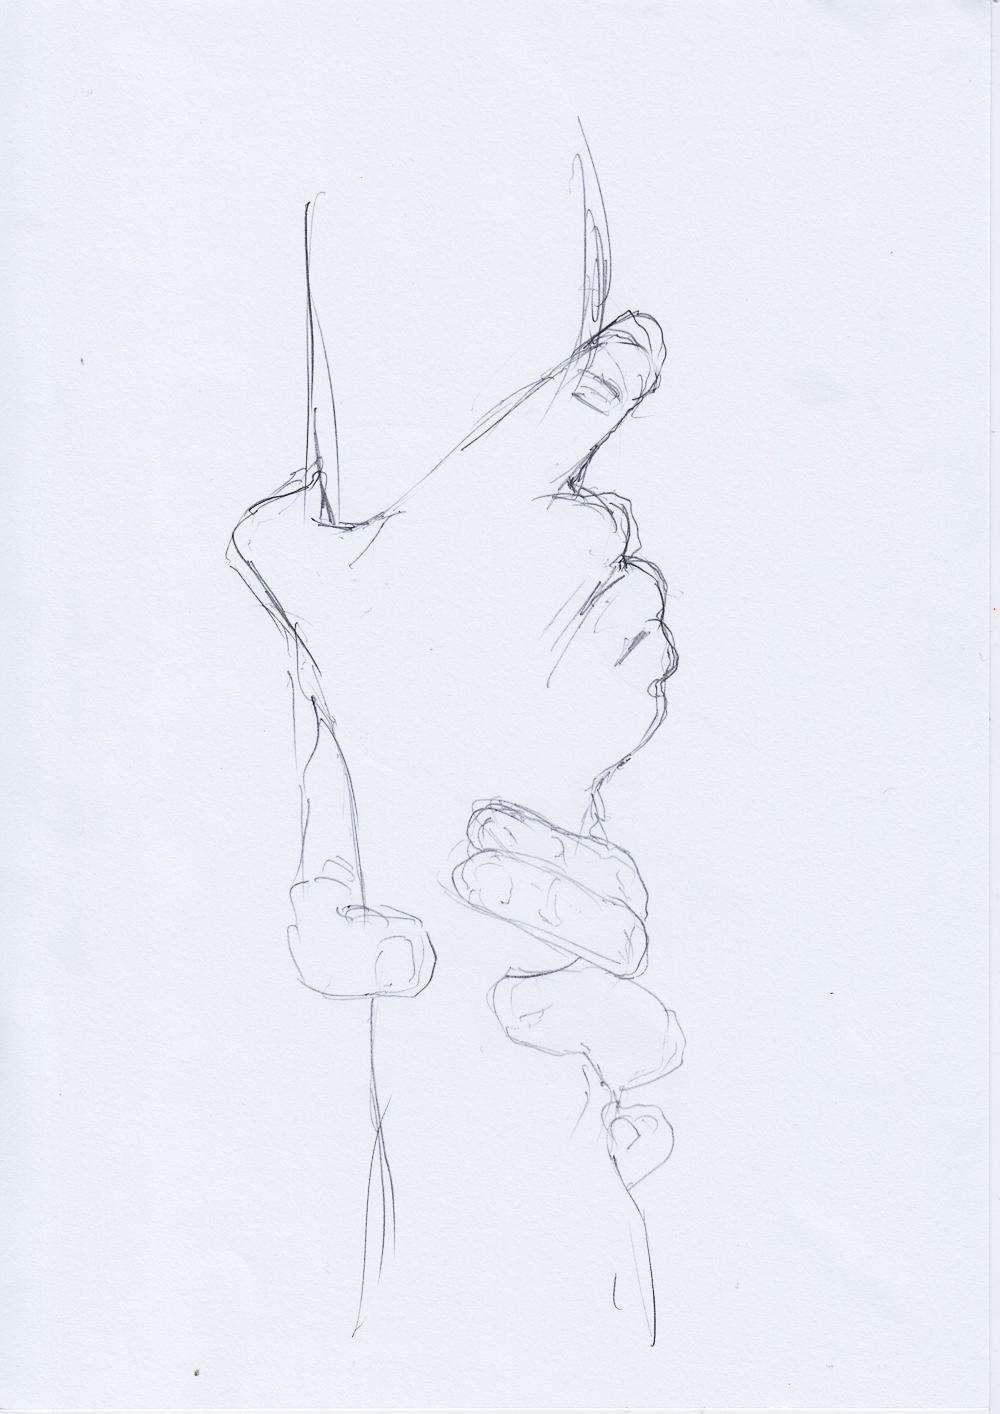 Anatomie Übungen 3/ sketchdaily